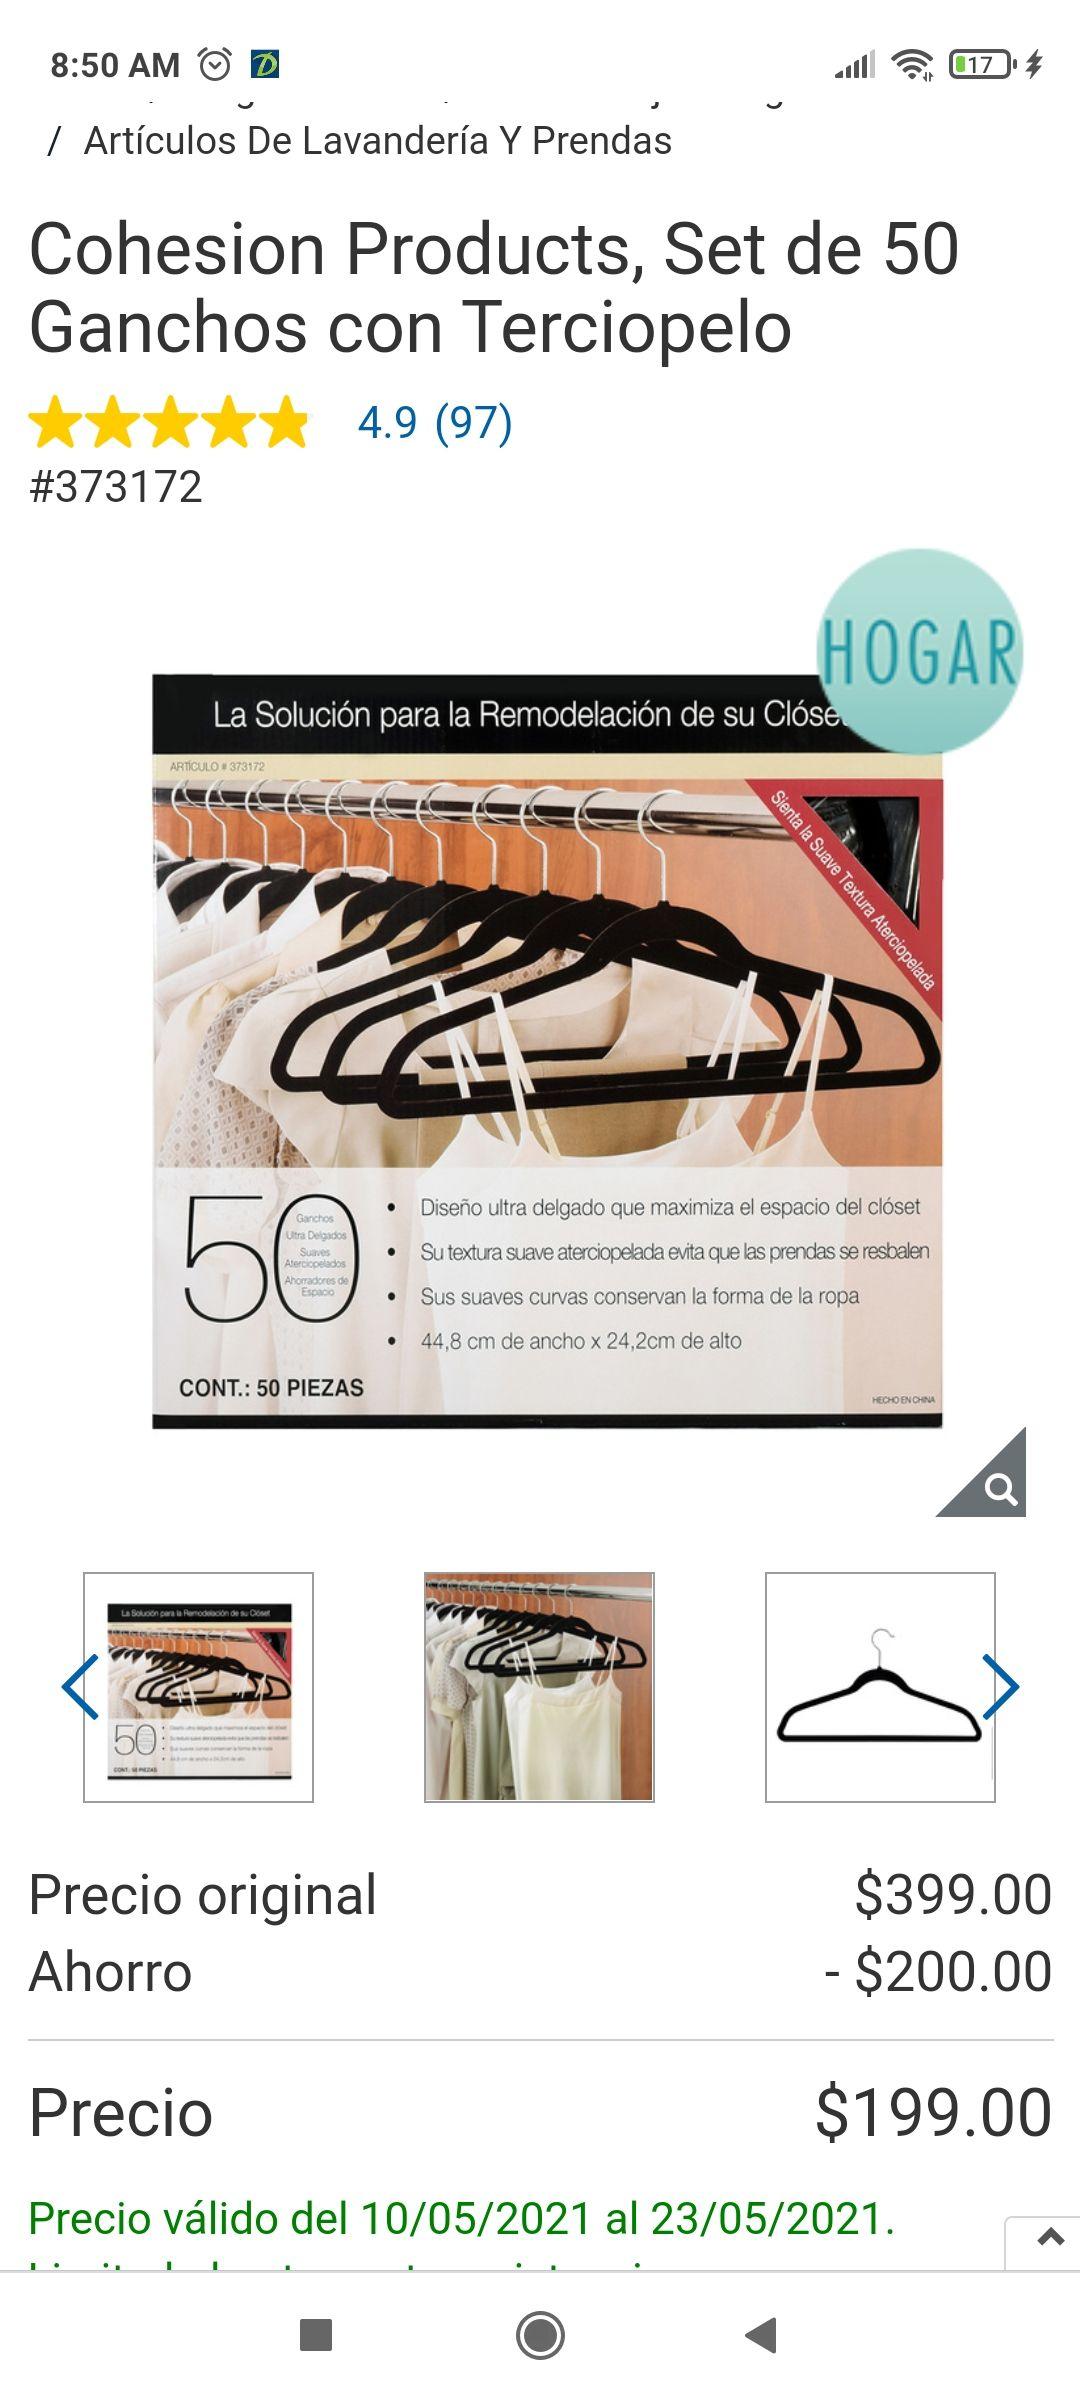 Costco: Cohesion Products, Set de 50 Ganchos con Terciopelo